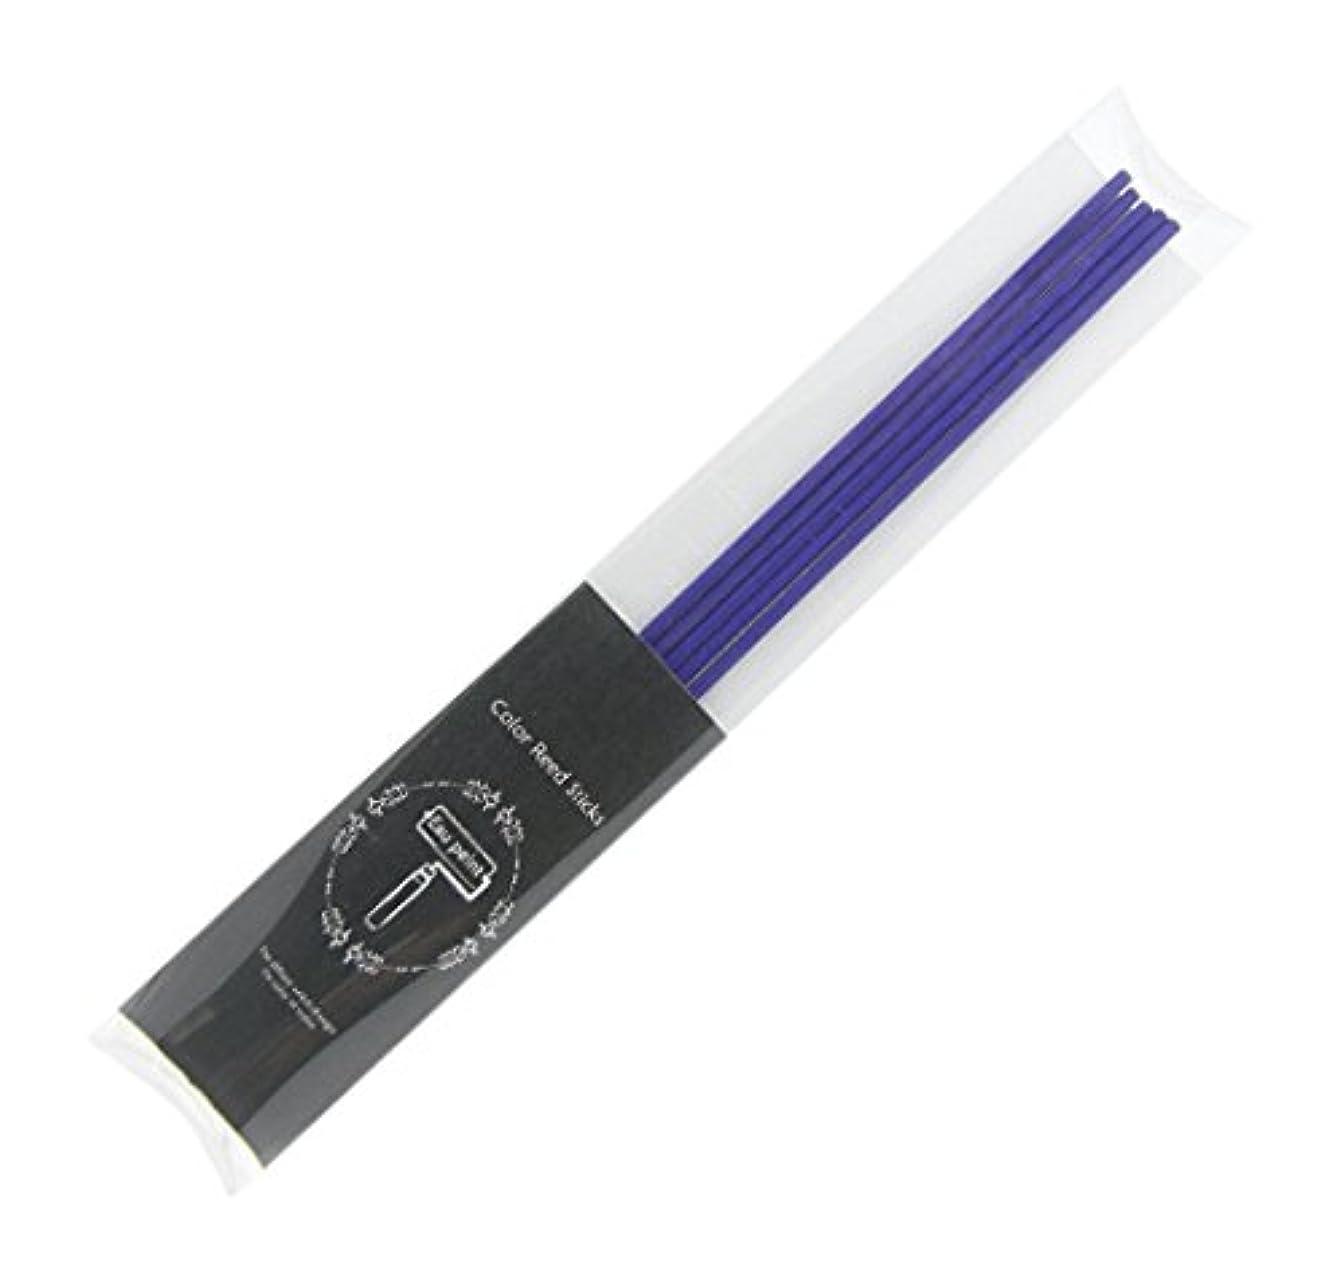 ロッド感動するハンカチEau peint mais+ カラースティック リードディフューザー用スティック 5本入 パープル Purple オーペイント マイス